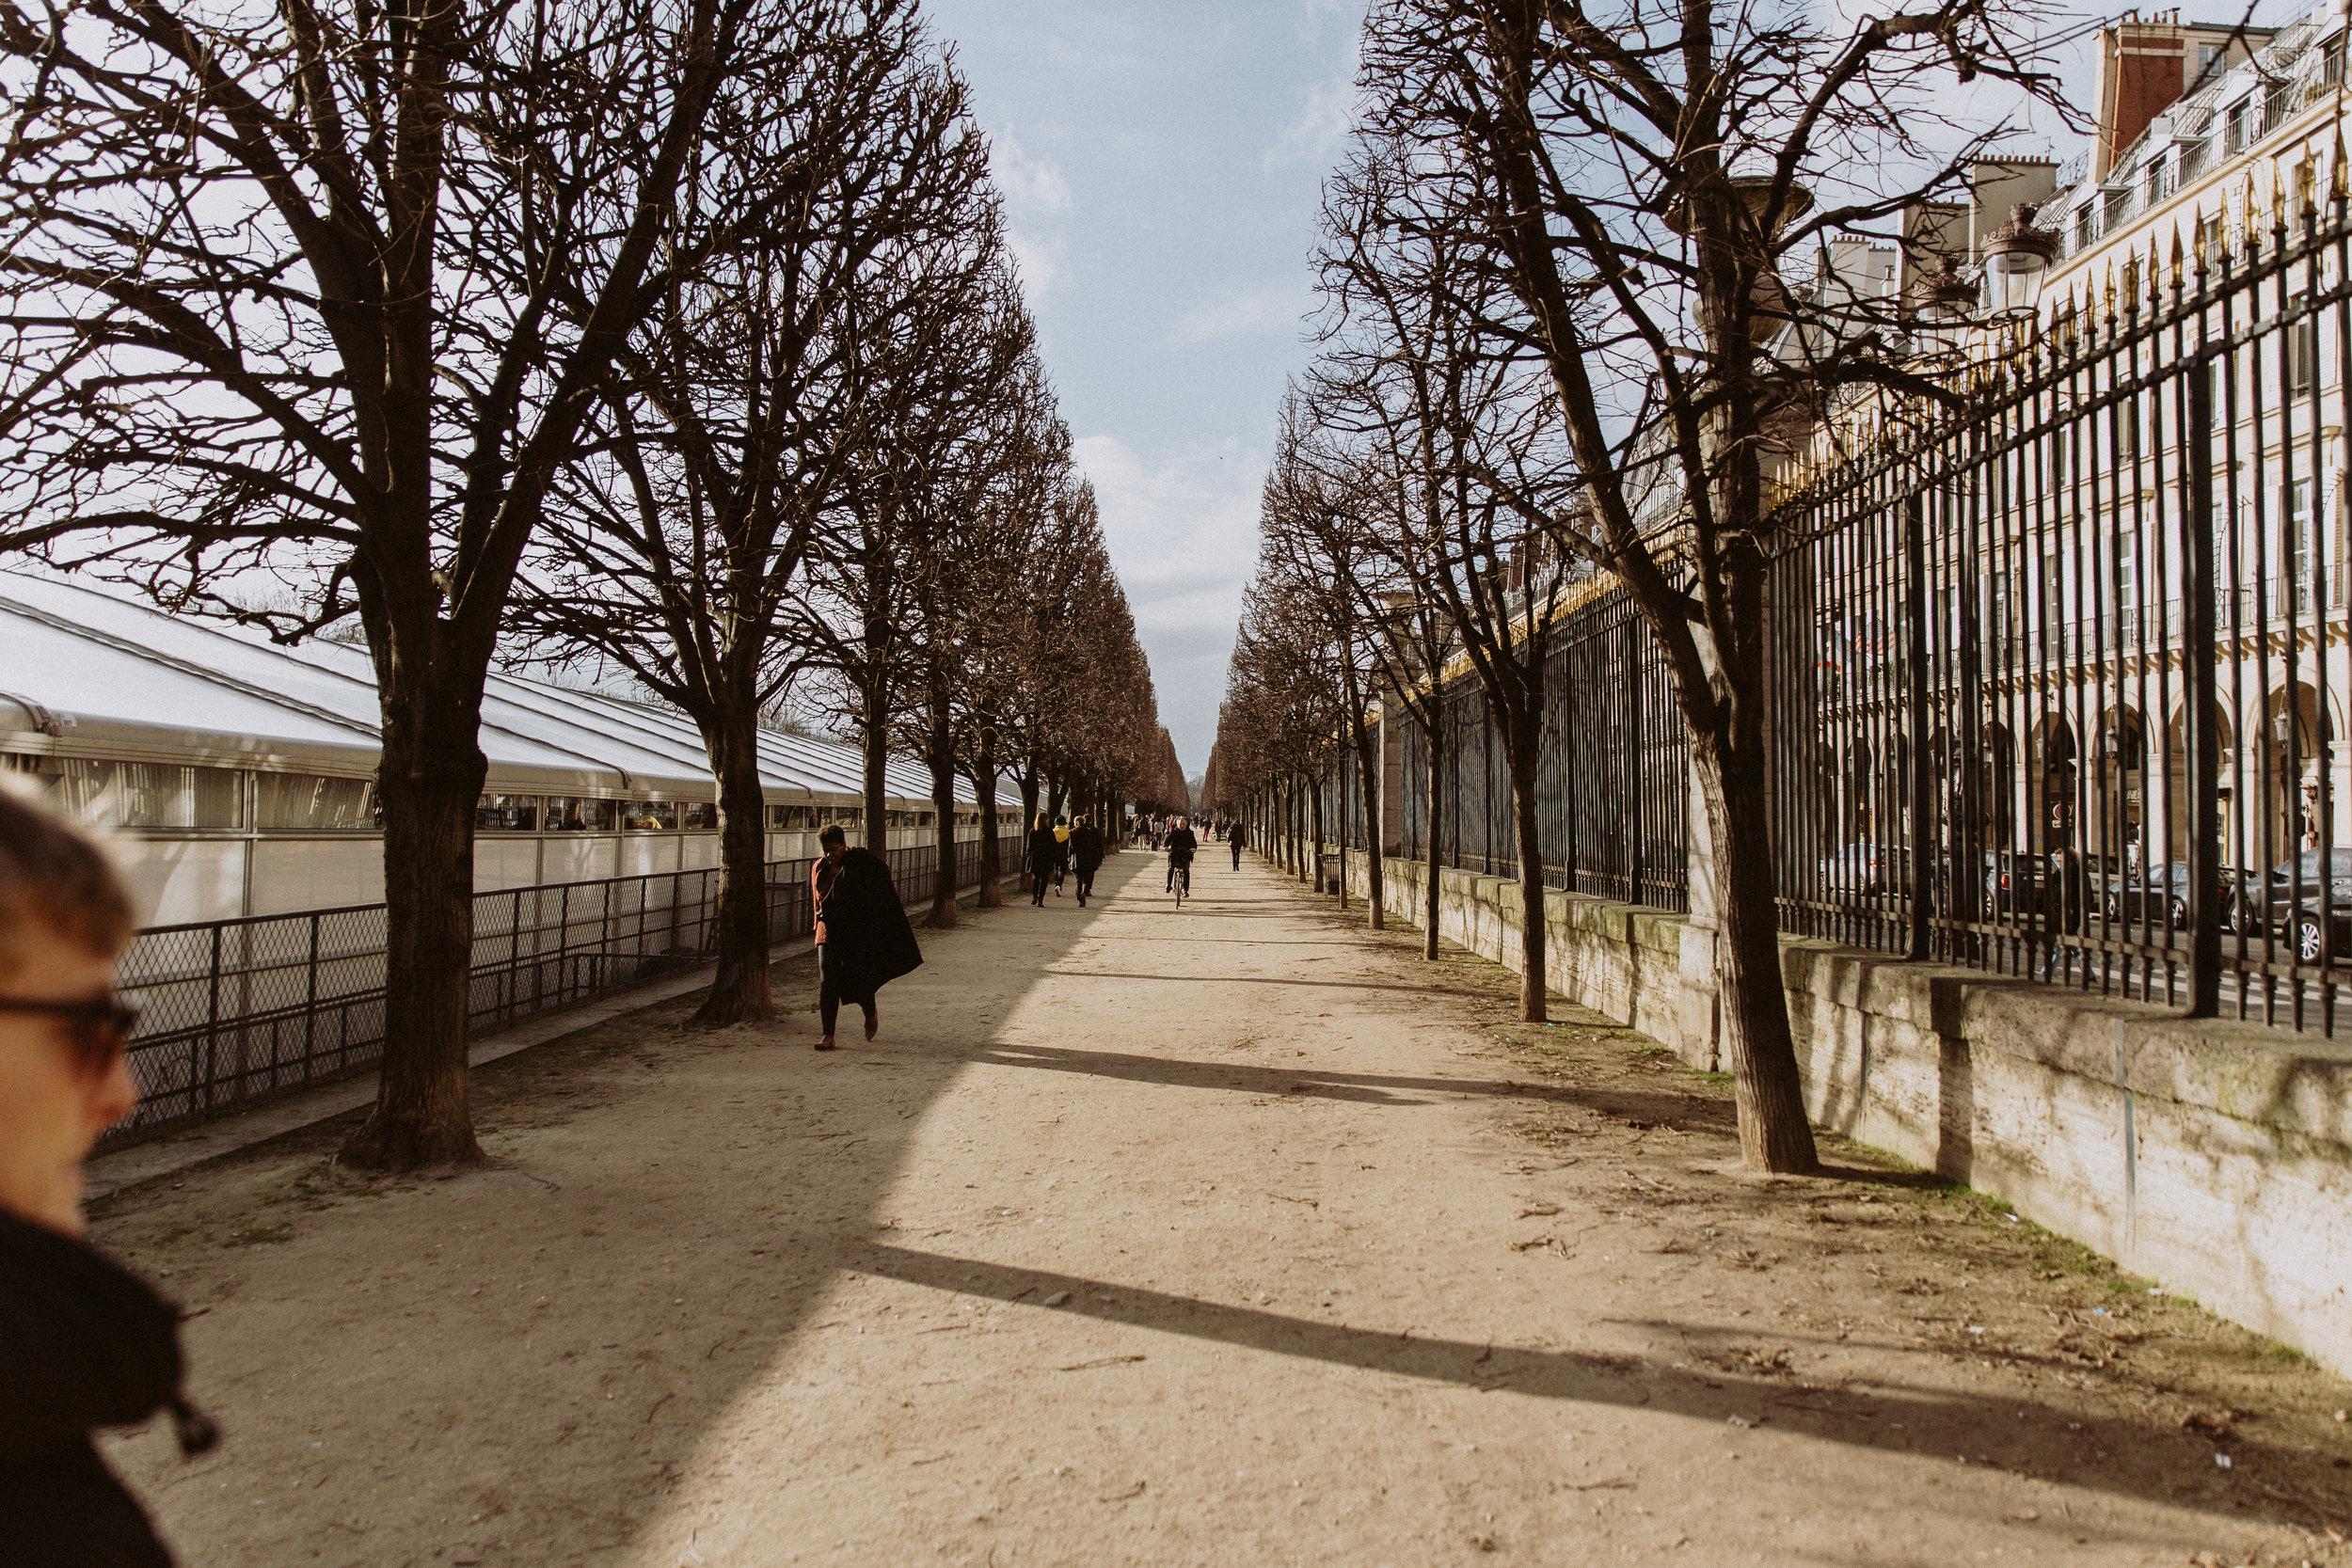 ParisCityShots (7 of 10).jpg